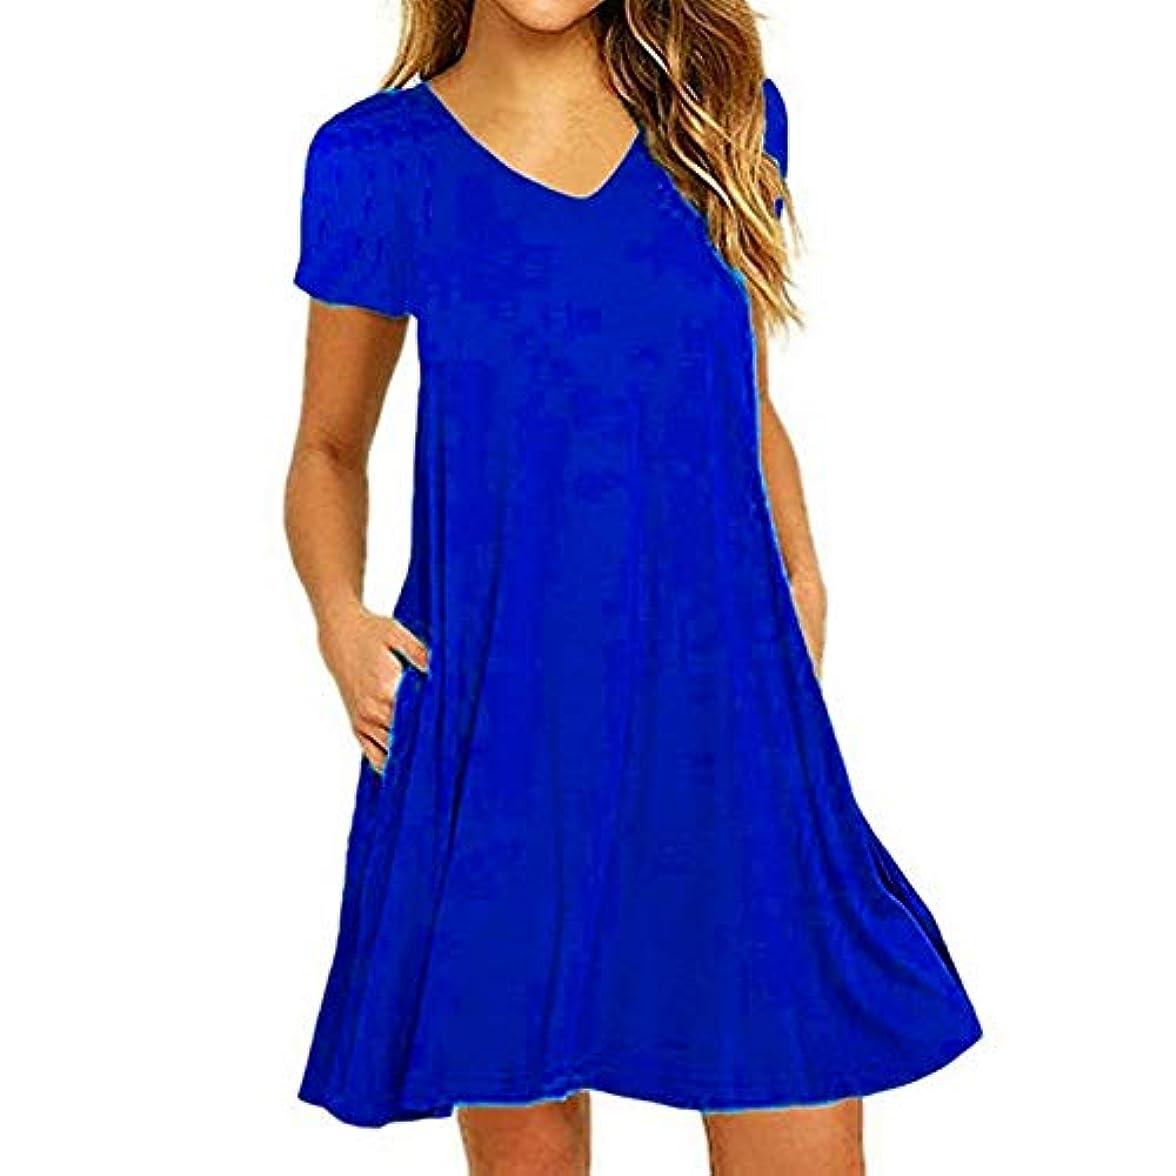 バケット愛されし者励起MIFAN の女性のドレスカジュアルな不規則なドレスルースサマービーチTシャツドレス